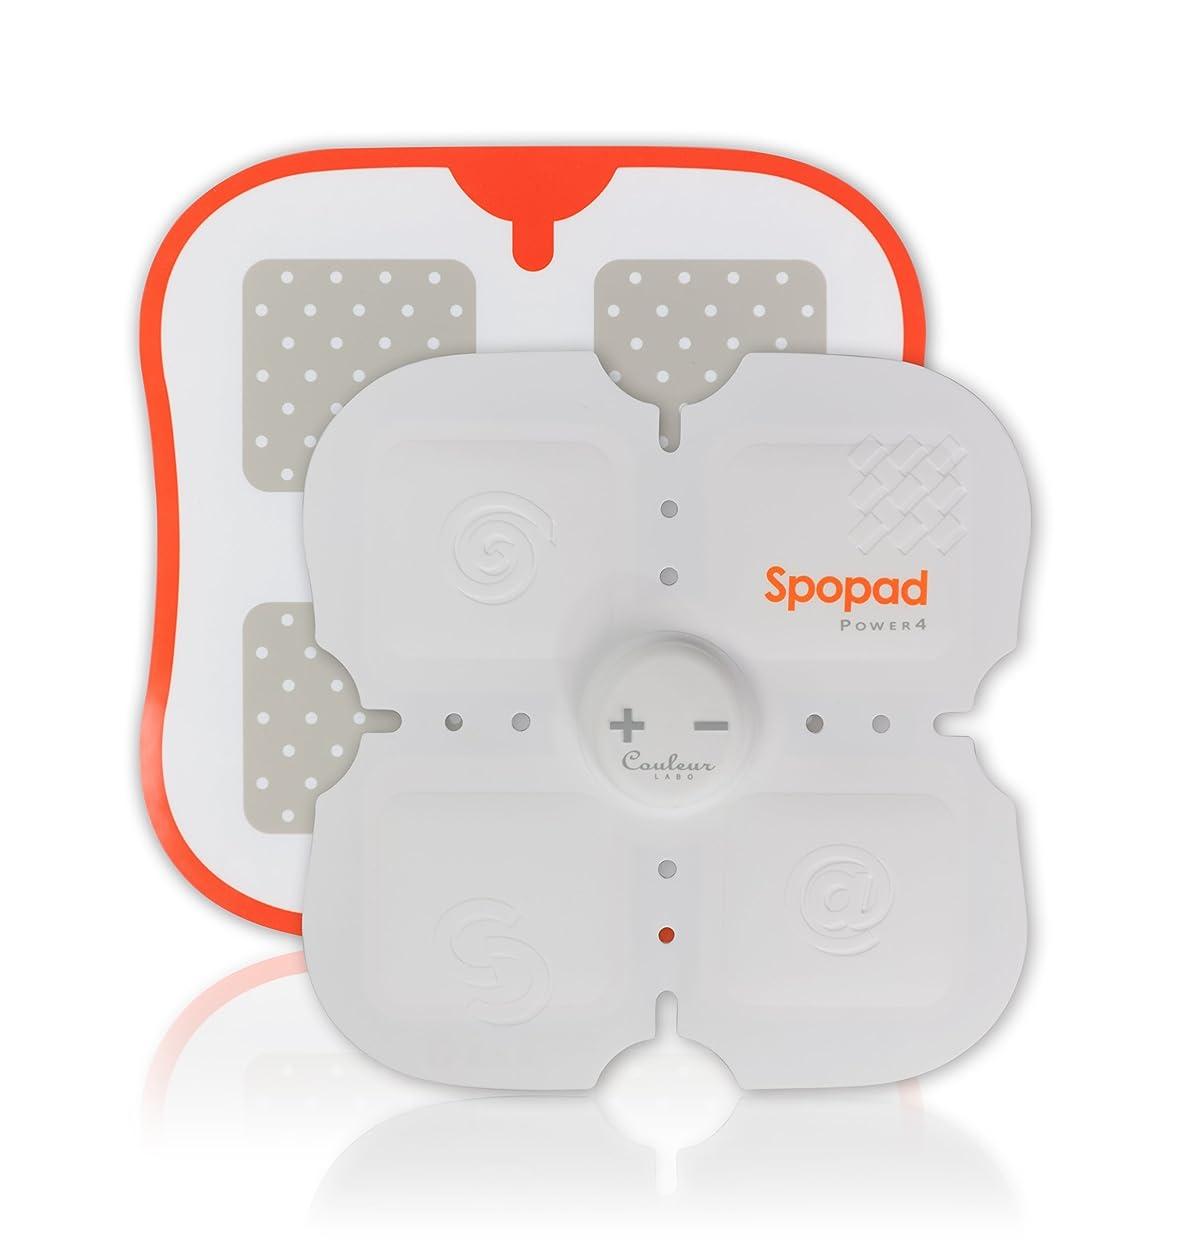 配偶者一致サンドイッチSPOPAD POWER4(スポパッドパワーフォー) 家庭用EMS運動機器、超薄型、超軽量、ワイヤレス、ハンズフリー